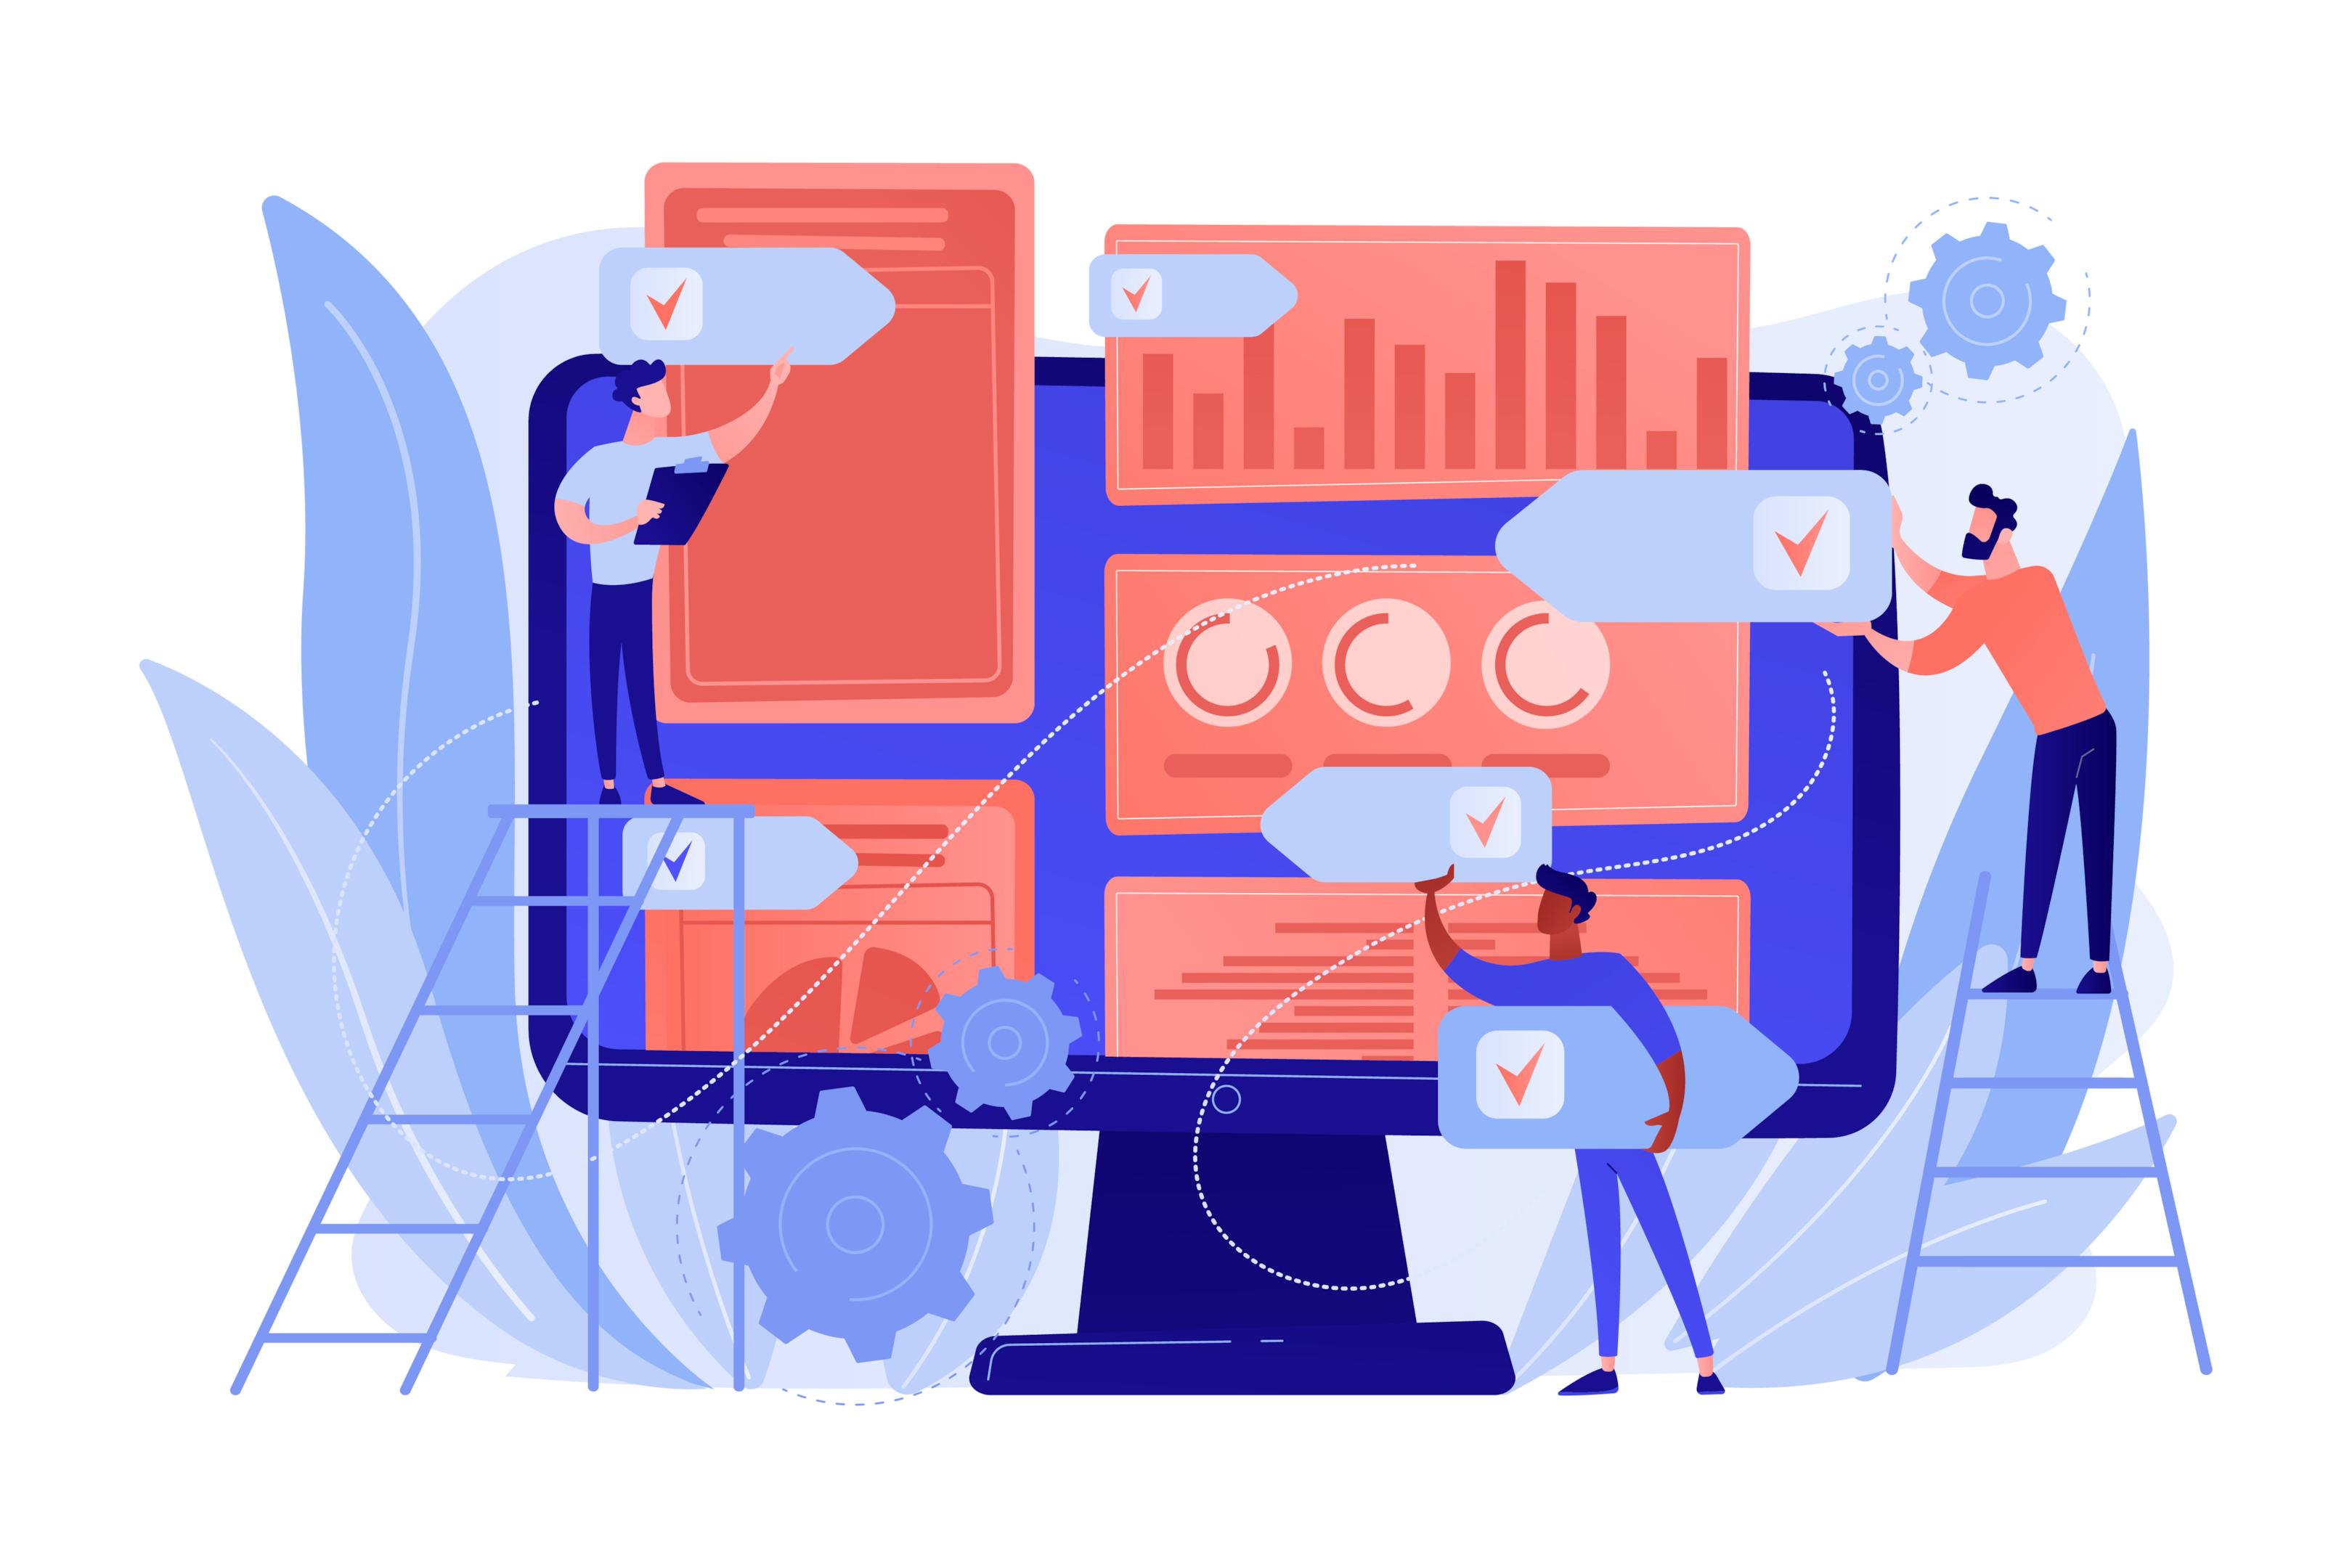 Anchor text najczęściej odzwierciedla słowa kluczowe. Nie musi tak być! Linki wewnętrzne, url strony, marketing skierowany na użytkowników - to kilka z wielu czynników wpływających na pozycję strony w wynikach wyszukiwania.